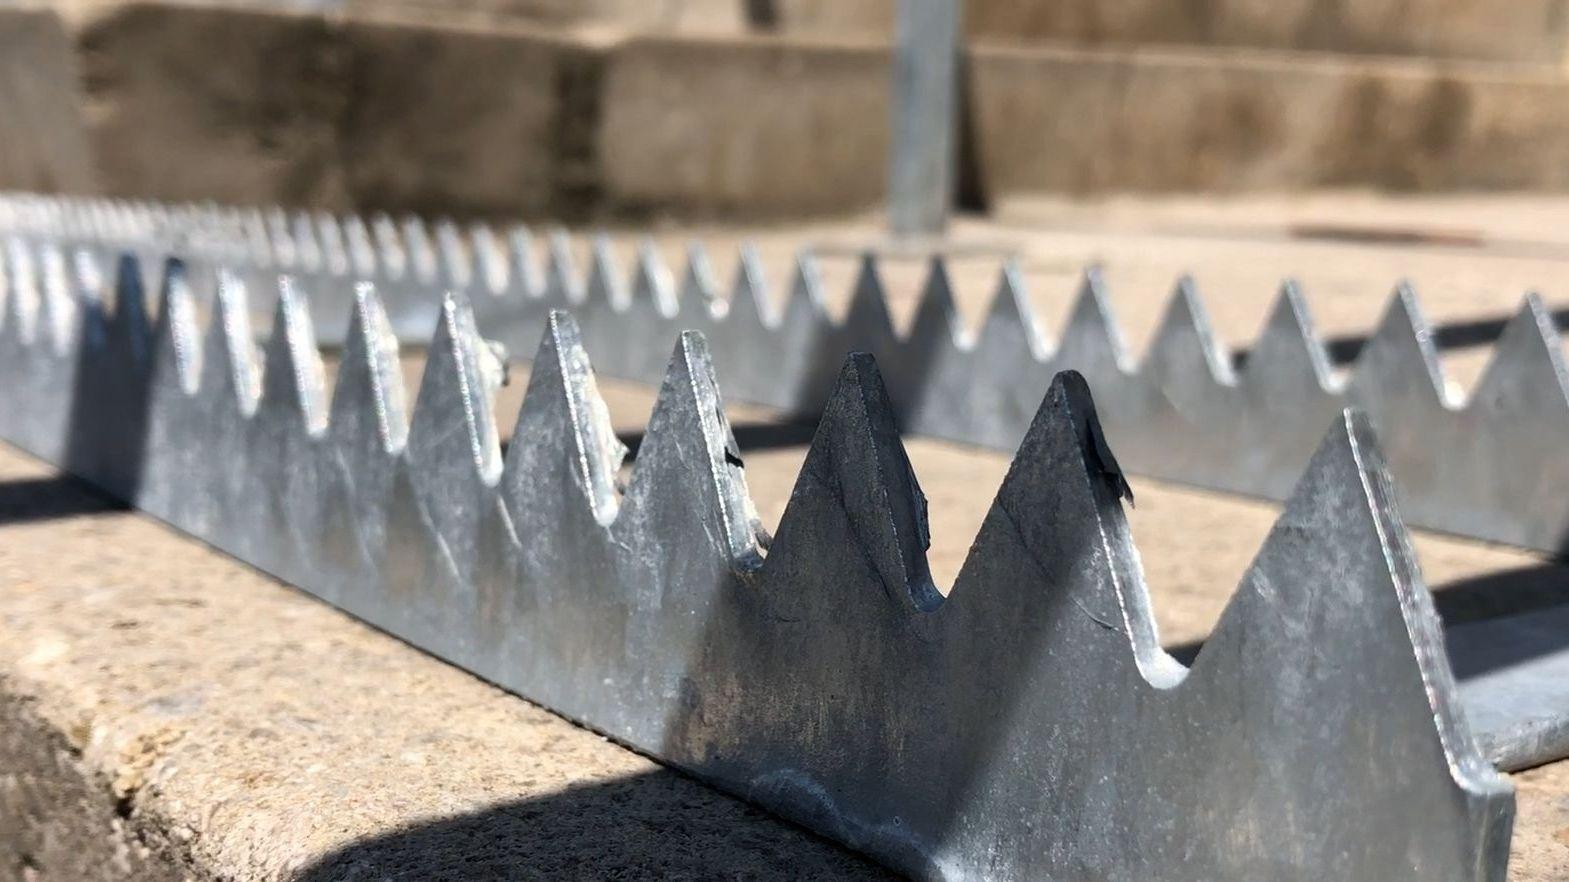 Stahlzacken-Abschreckung auf Treppe in Würzburg